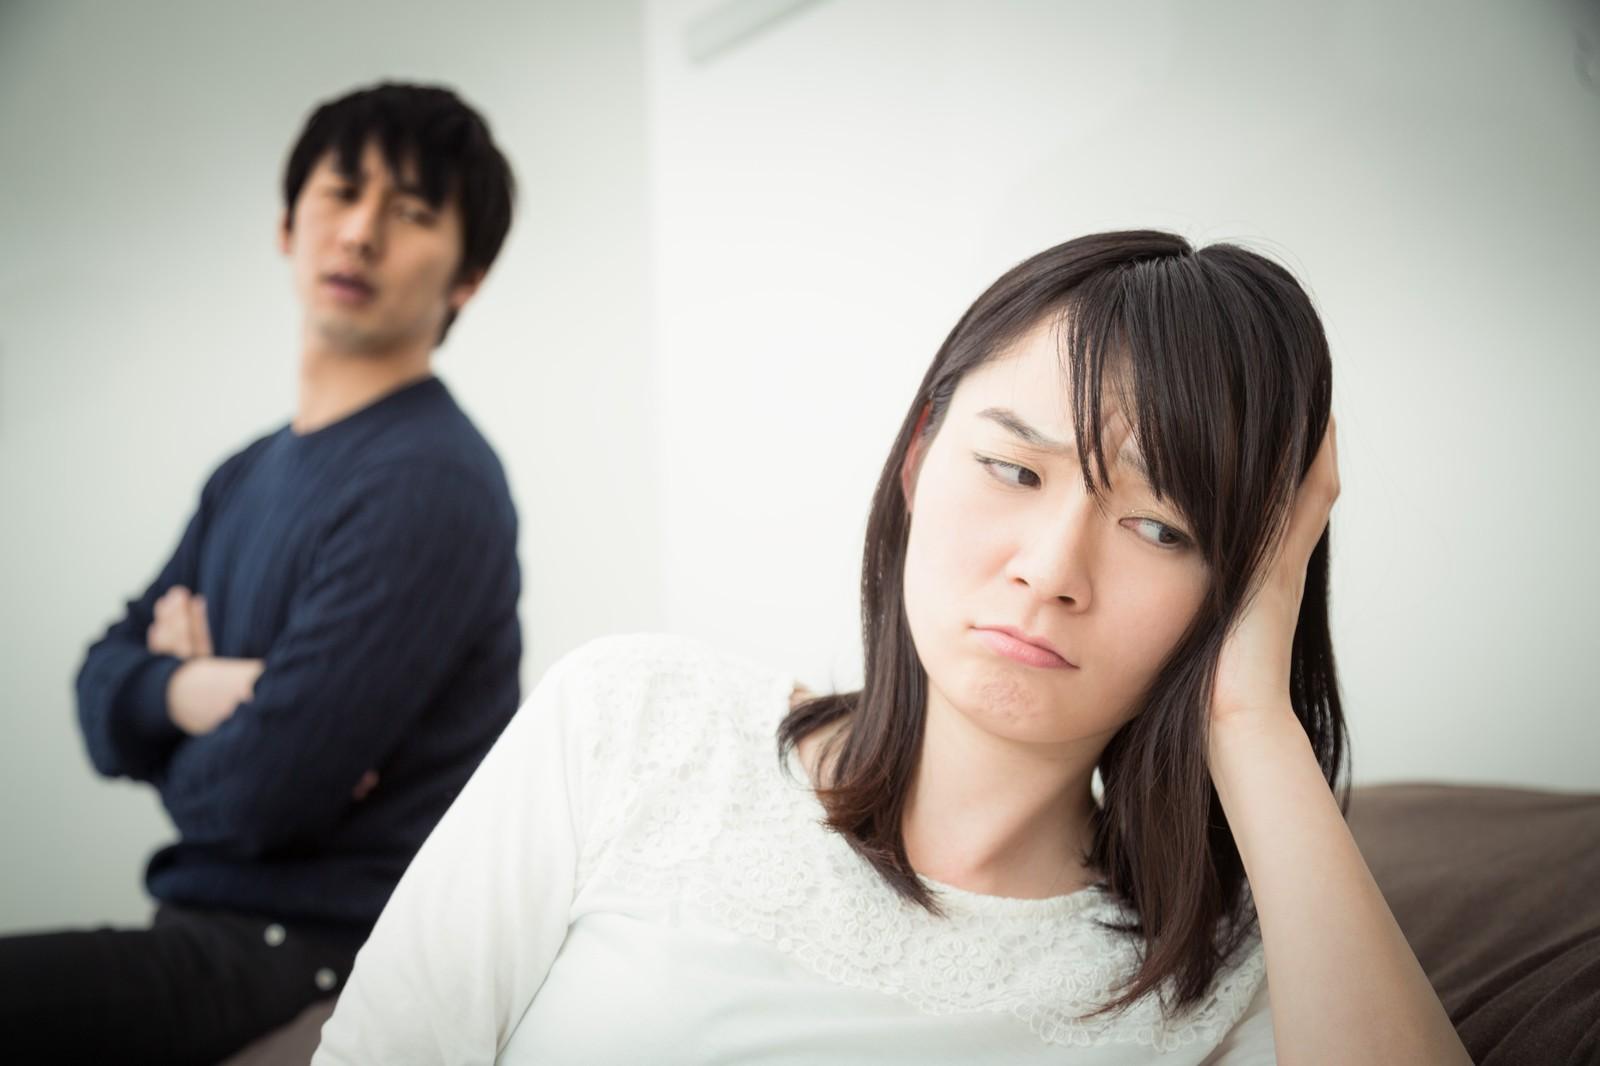 仲の悪いカップル